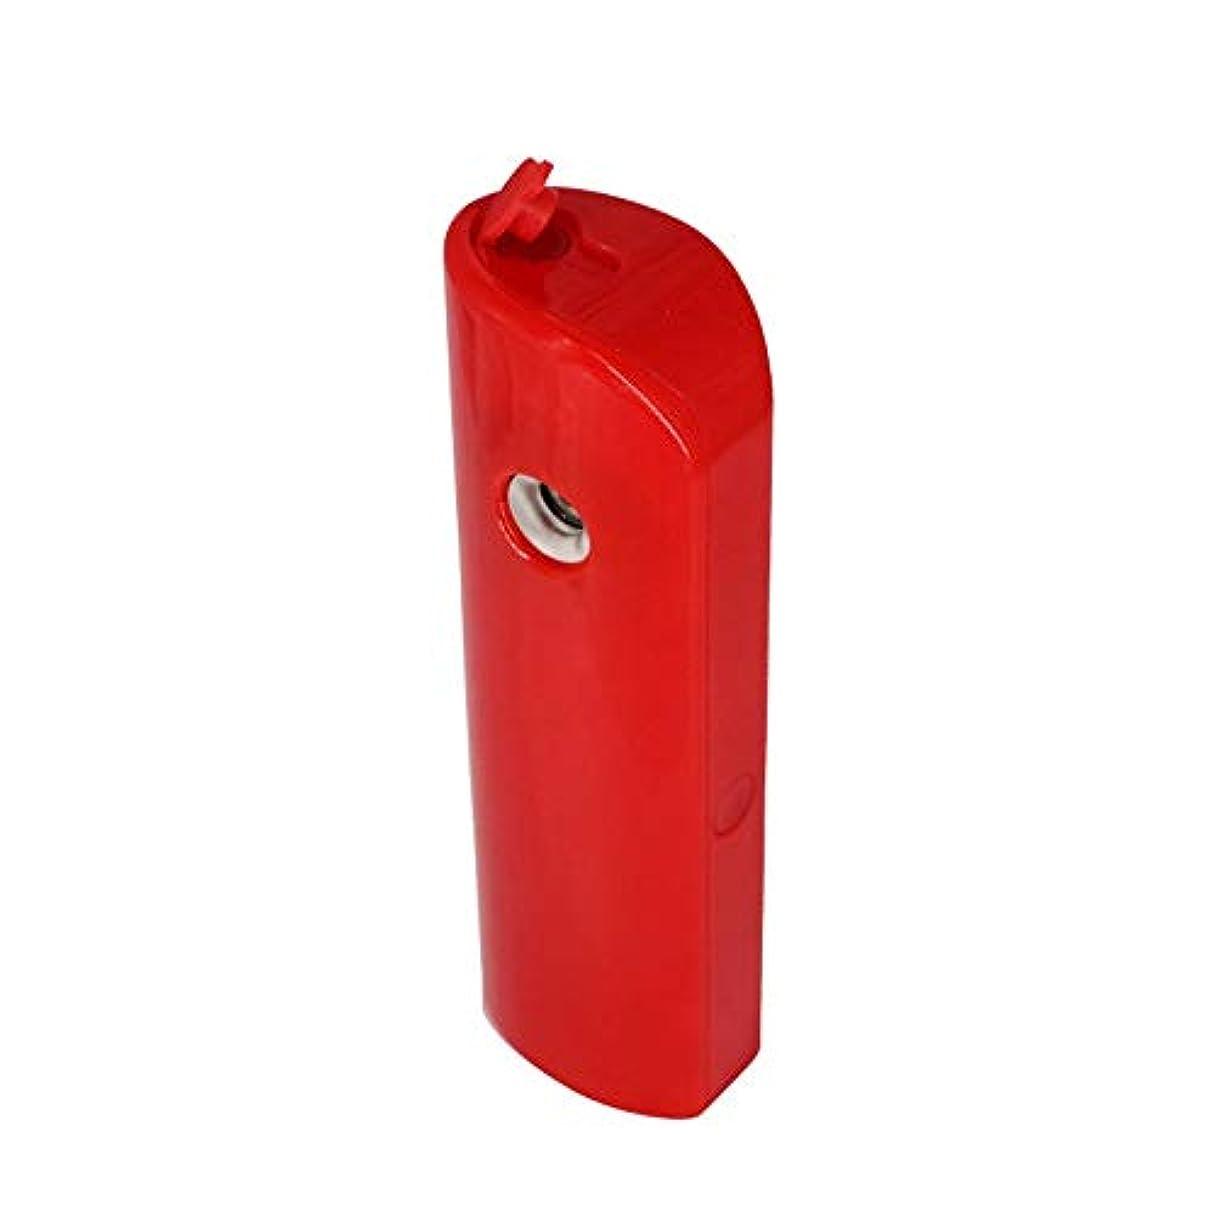 驚くばかり不一致ギャップZXF 新しいポータブルハンドヘルドabs材料水和機器美容機器顔の加湿スプレー機器ナノマイナスイオン水和機器充電宝物赤 滑らかである